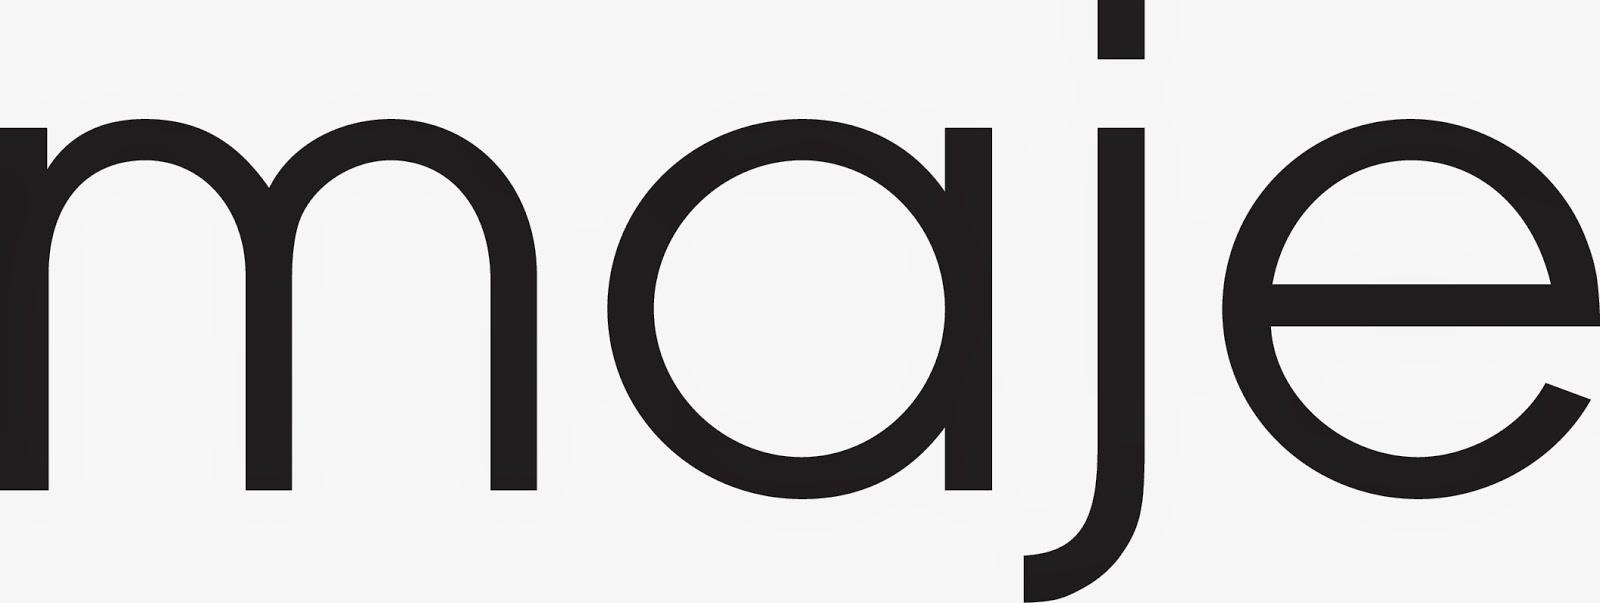 déstockage de la marque Maje à Paris 14ème